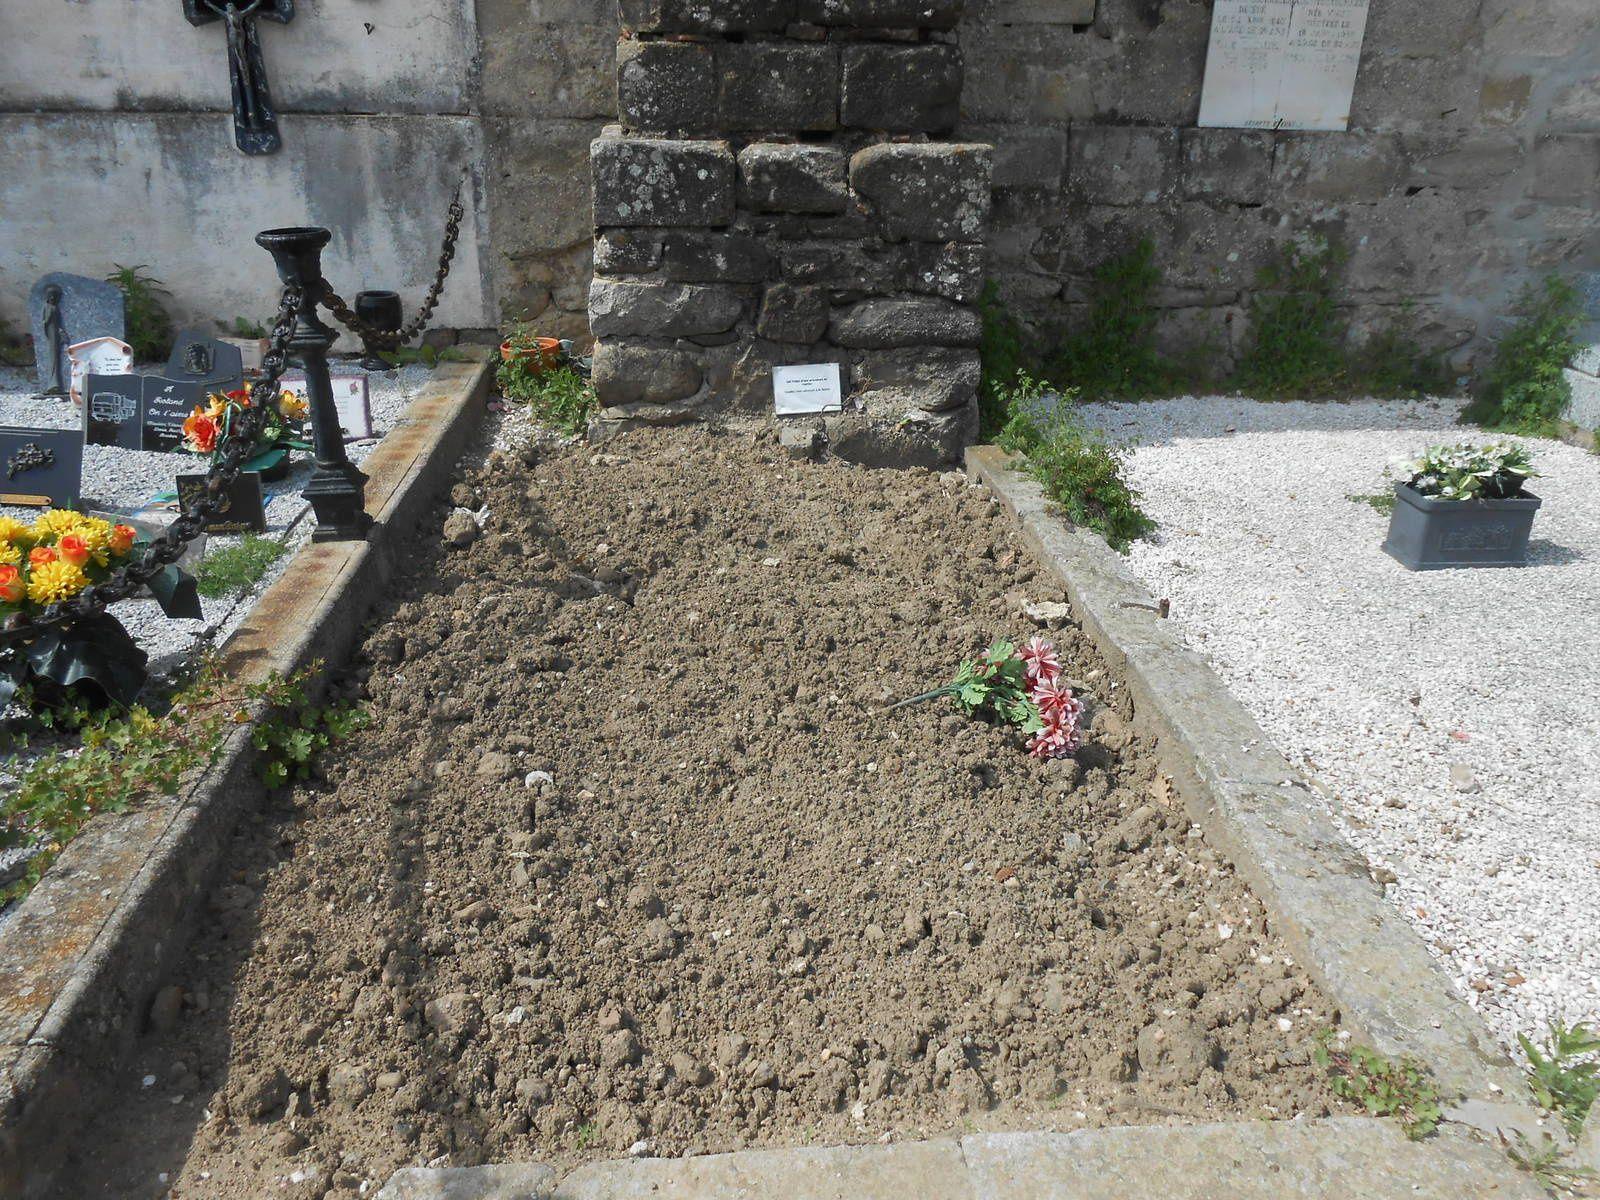 Les concessions après intervention (enlèvement des matériaux et monuments funéraires, ainsi que des restes humains)